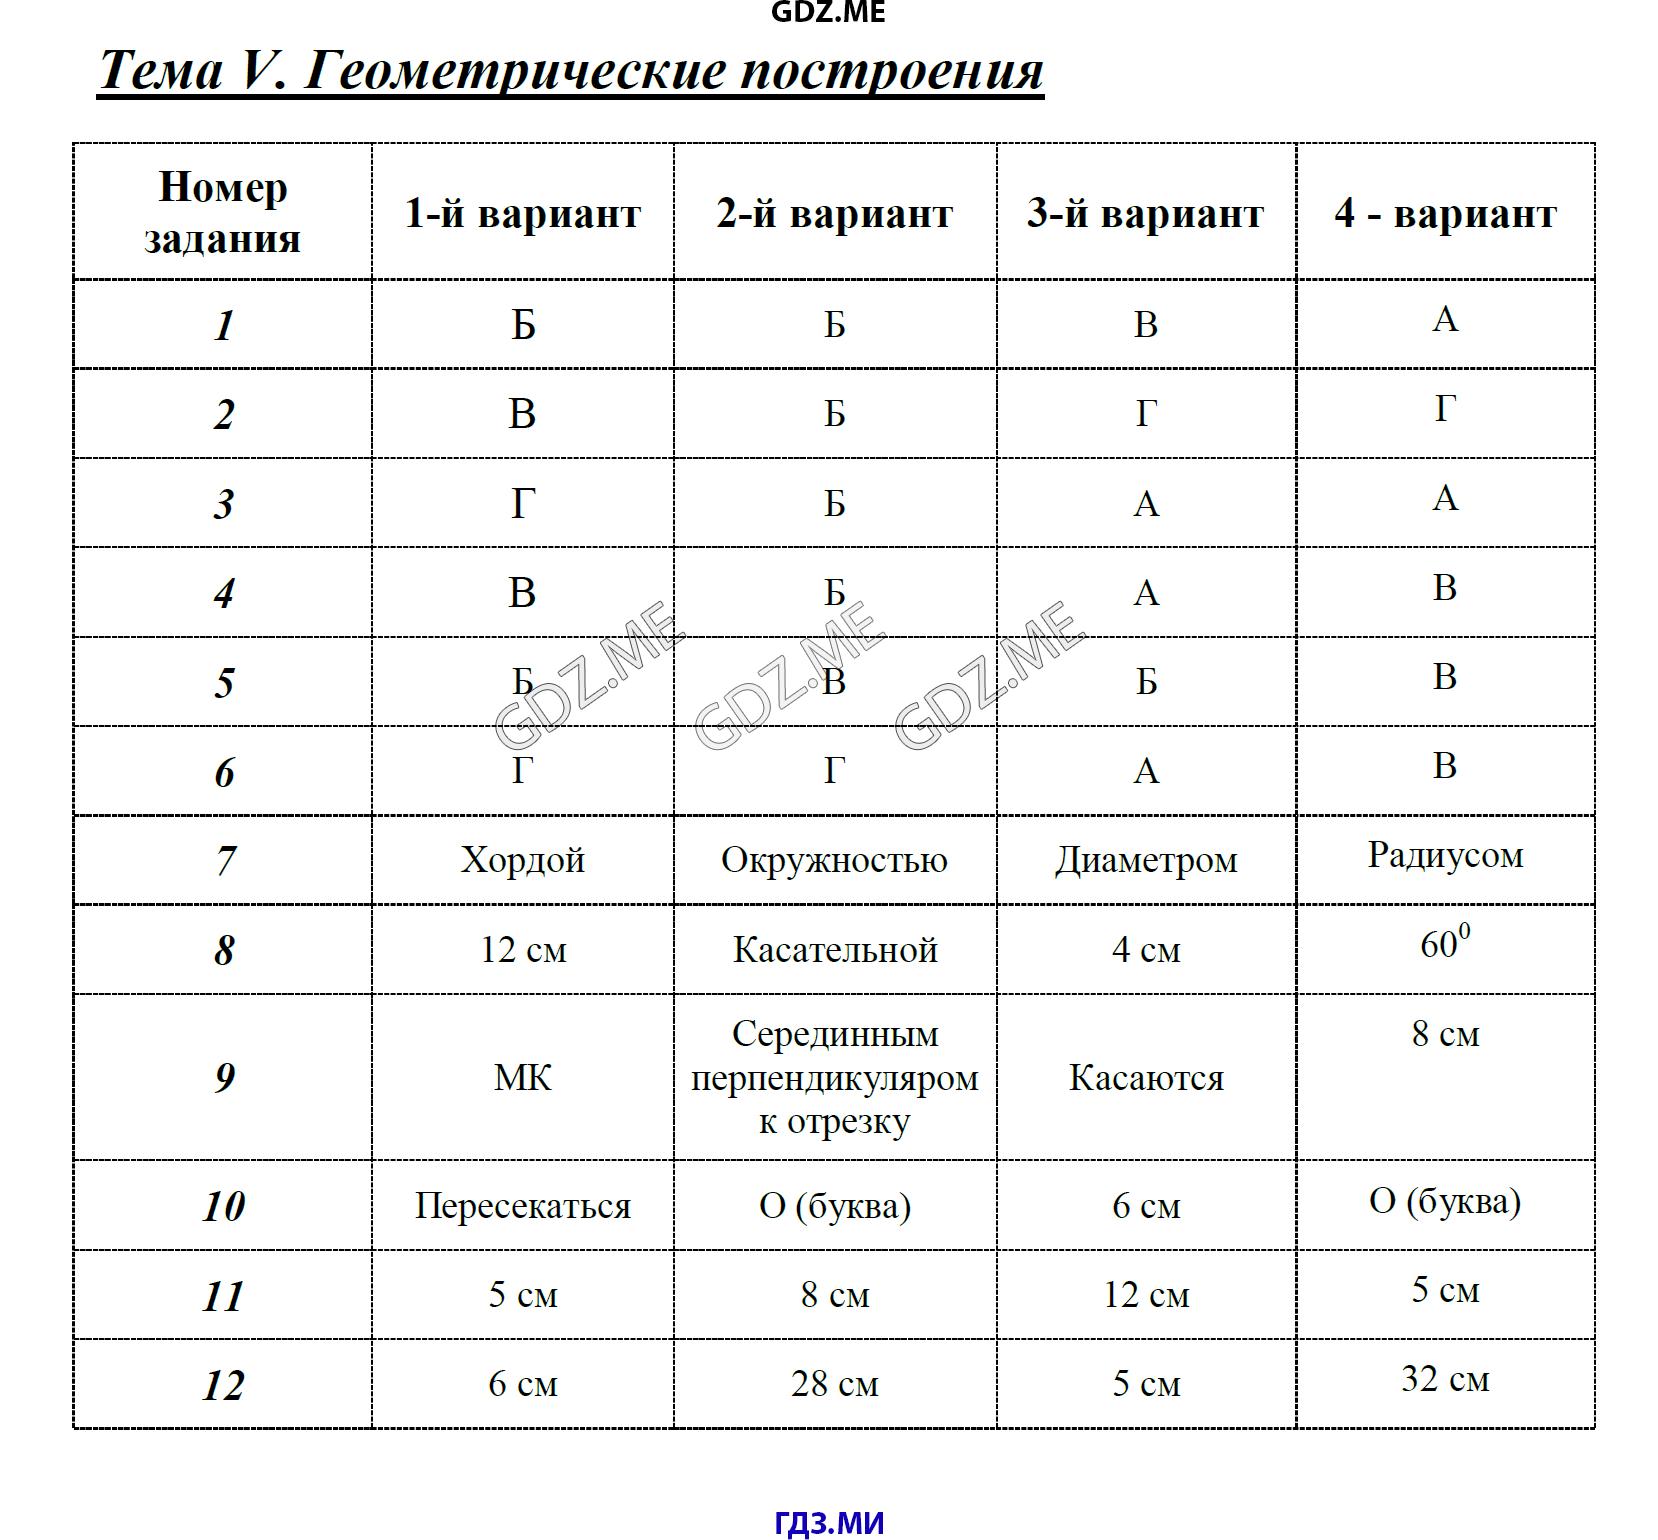 Гдз по геометрии 7-11 класс автор а.в погорелов